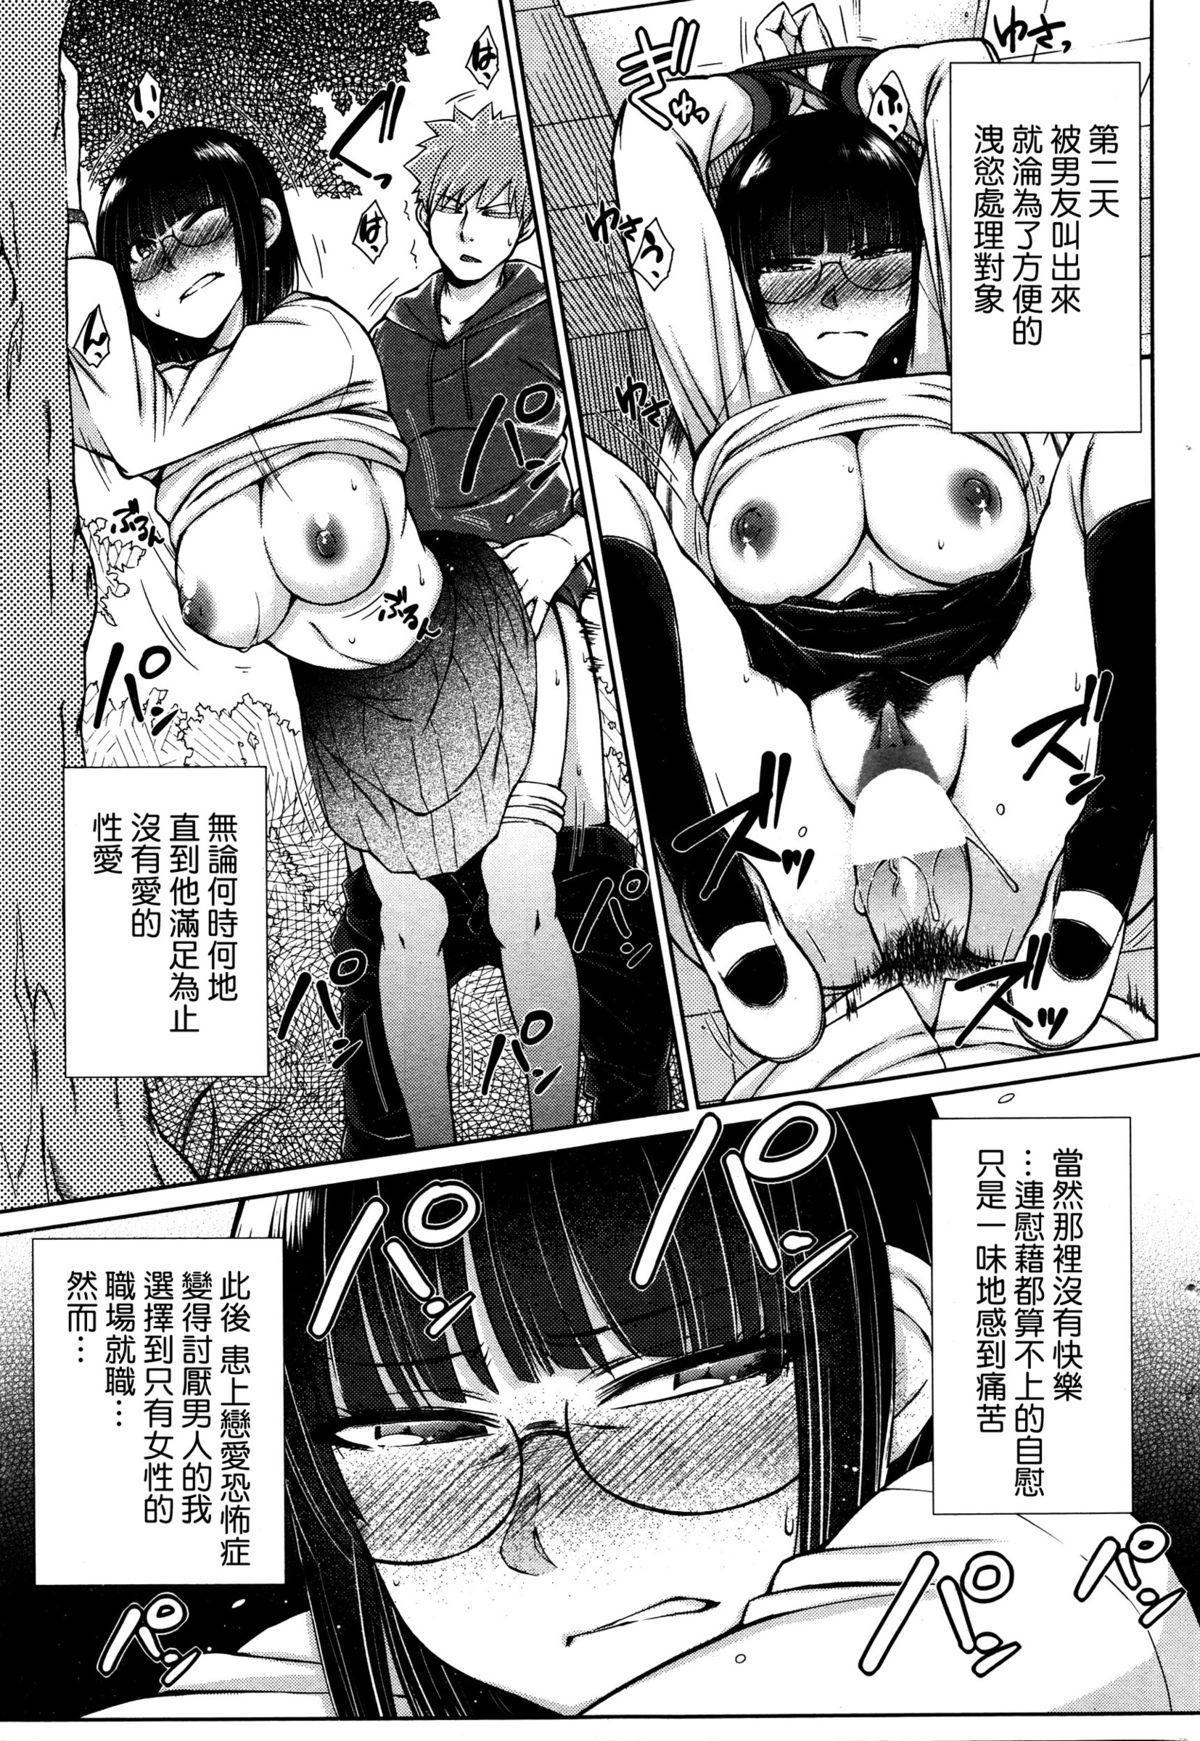 Zetsurin Danshi no Harem Seikatsu Ch. 1-5 92